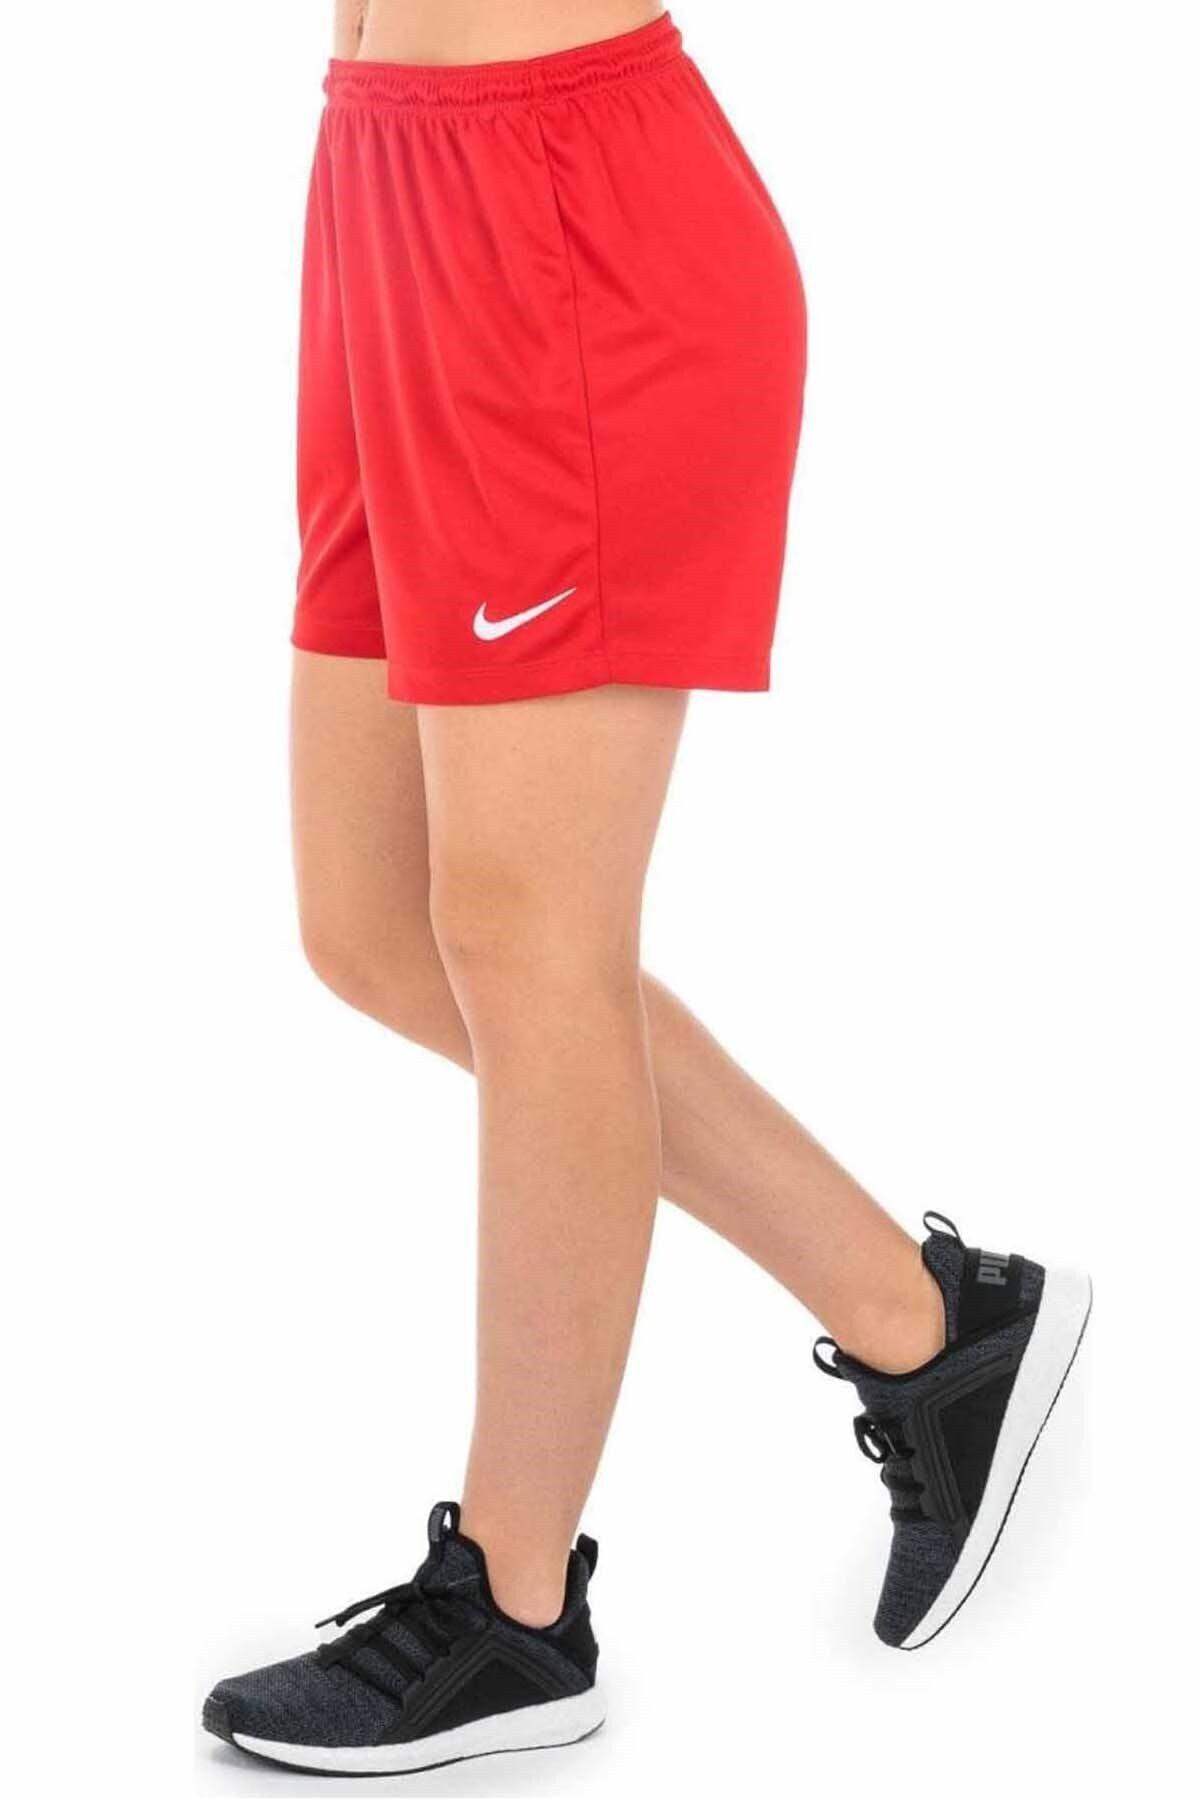 خرید اینترنتی شلوارک ورزشی مردانه مارک نایک رنگ قرمز ty35907453